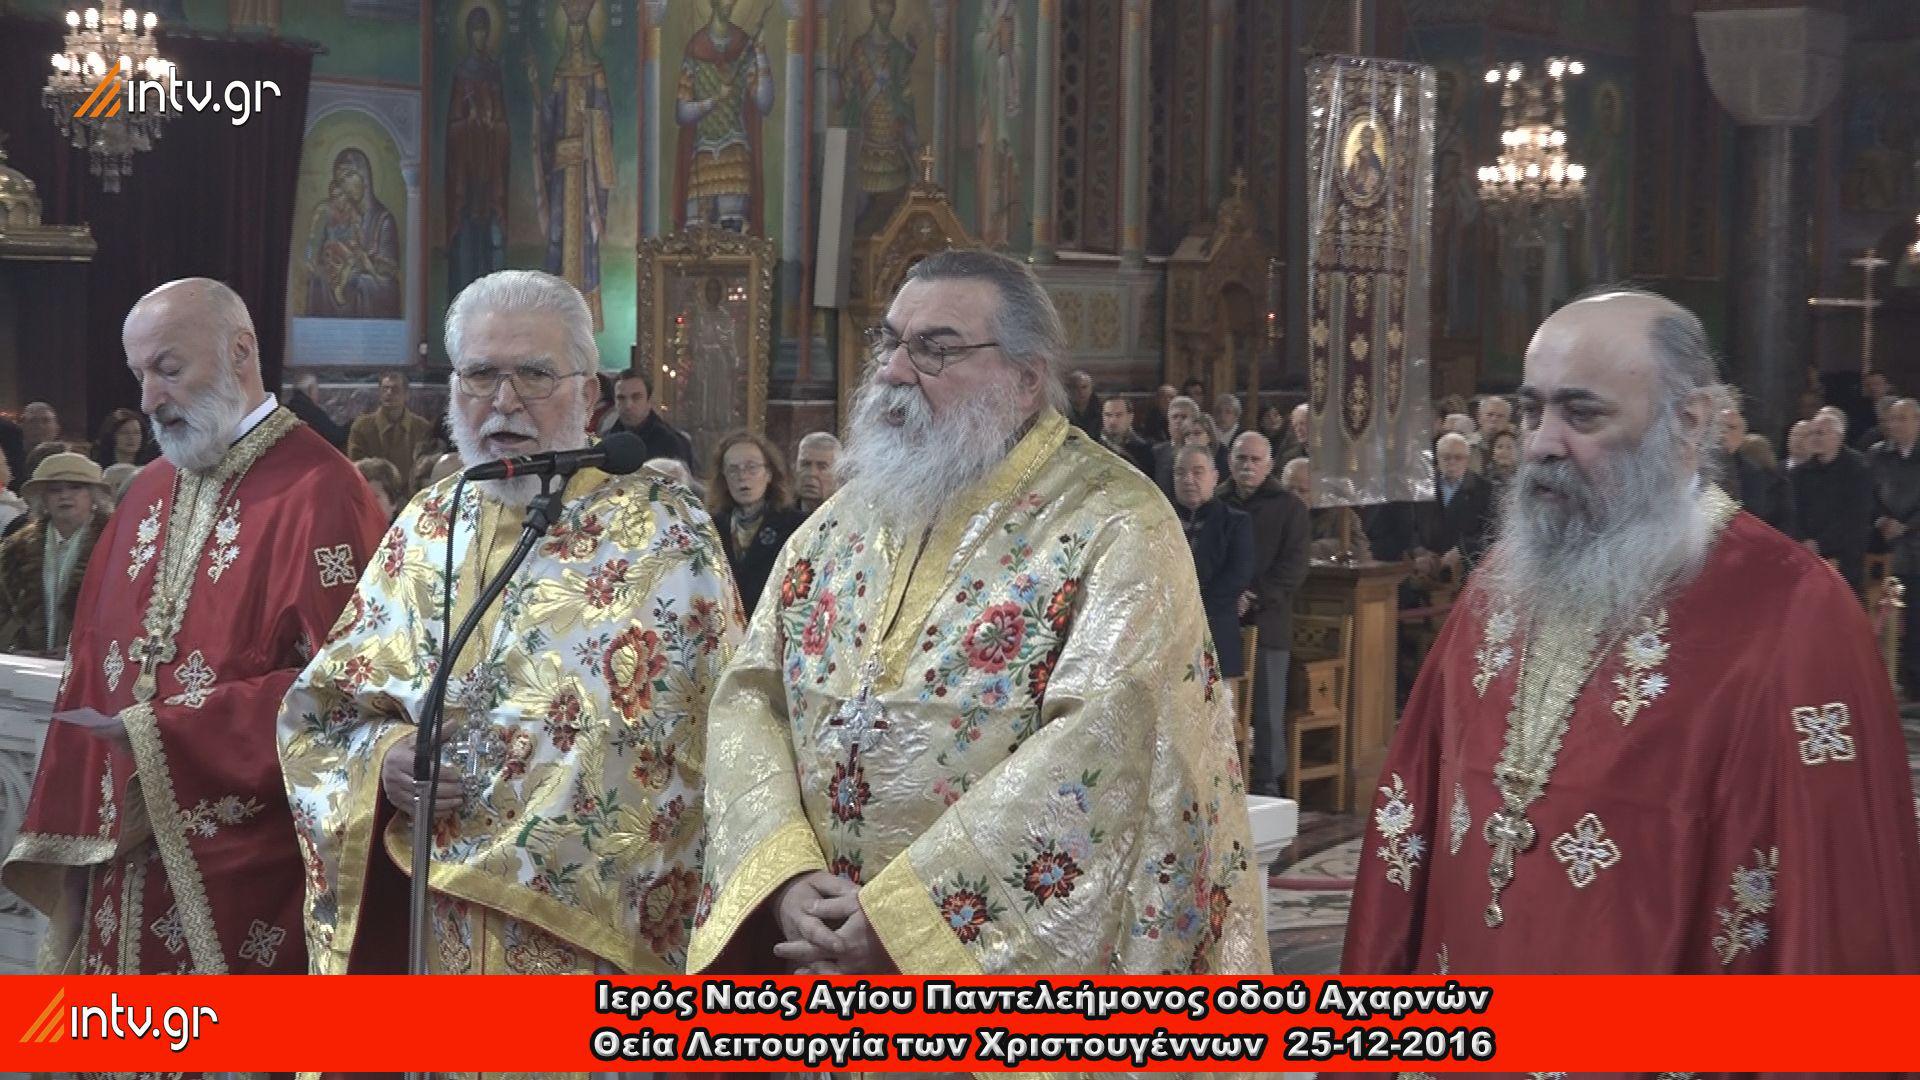 Ιερός Ναός Αγίου Παντελεήμονος οδού Αχαρνών - Θεία Λειτουργία των Χριστουγέννων 2016